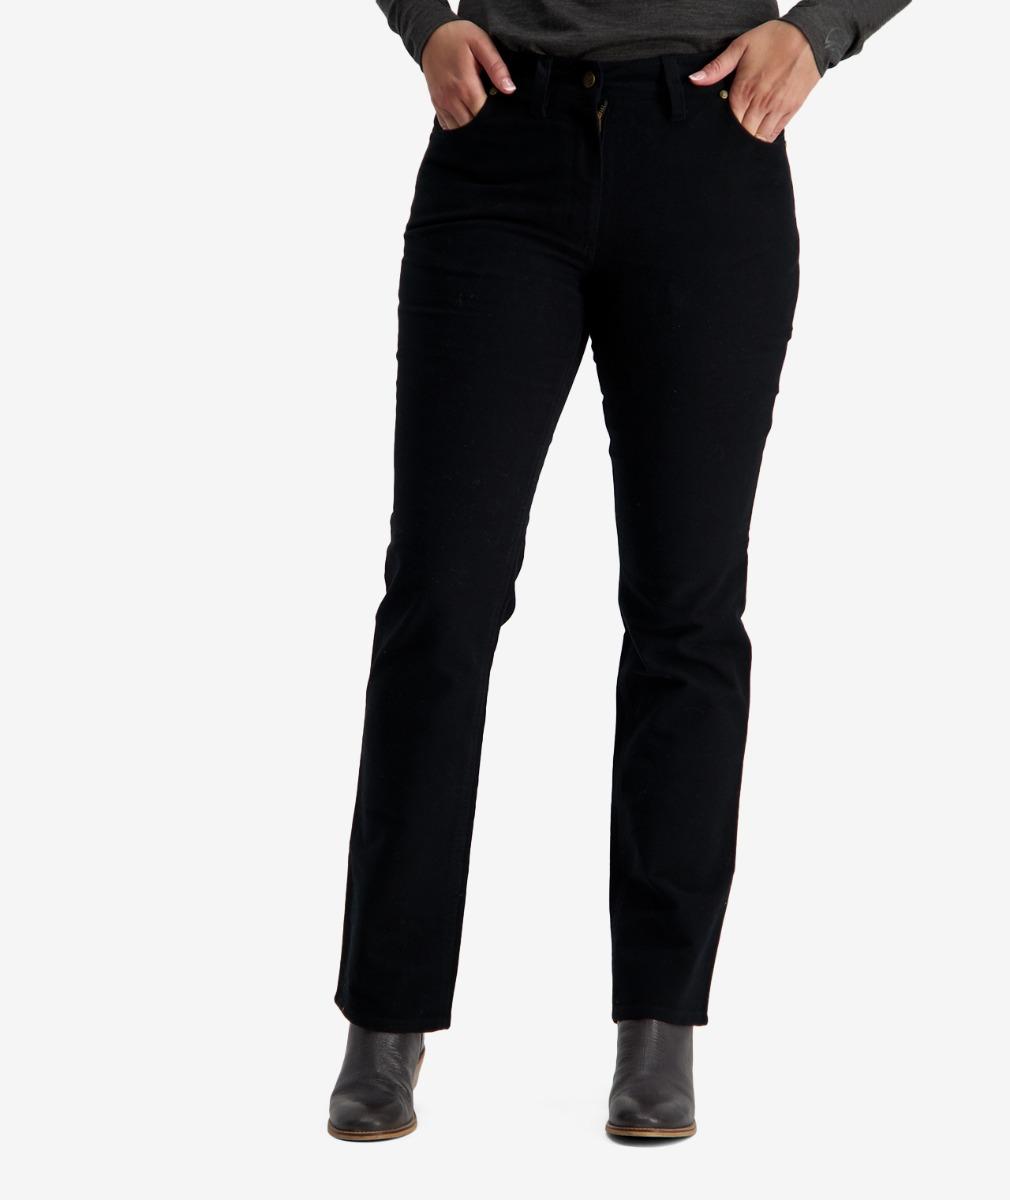 Swanndri Women's Whitecliffs Moleskin Pants